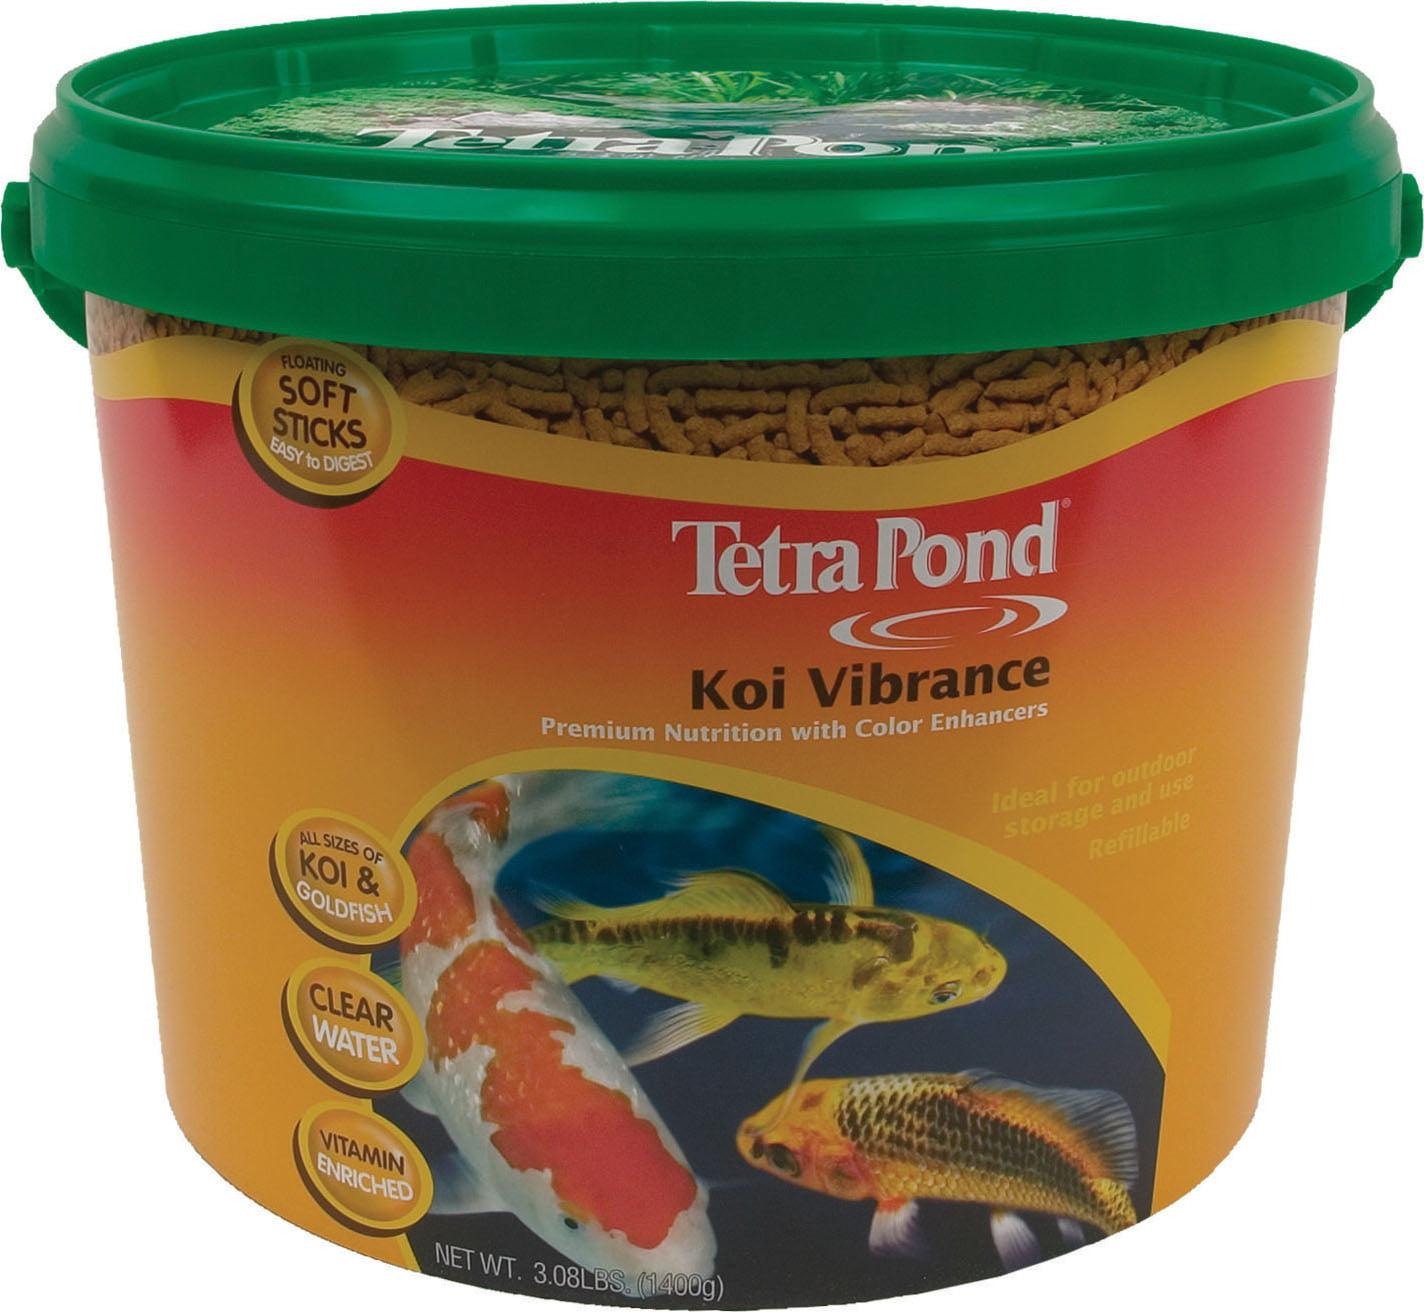 TetraPond Floating Koi Sticks, 3.08lbs